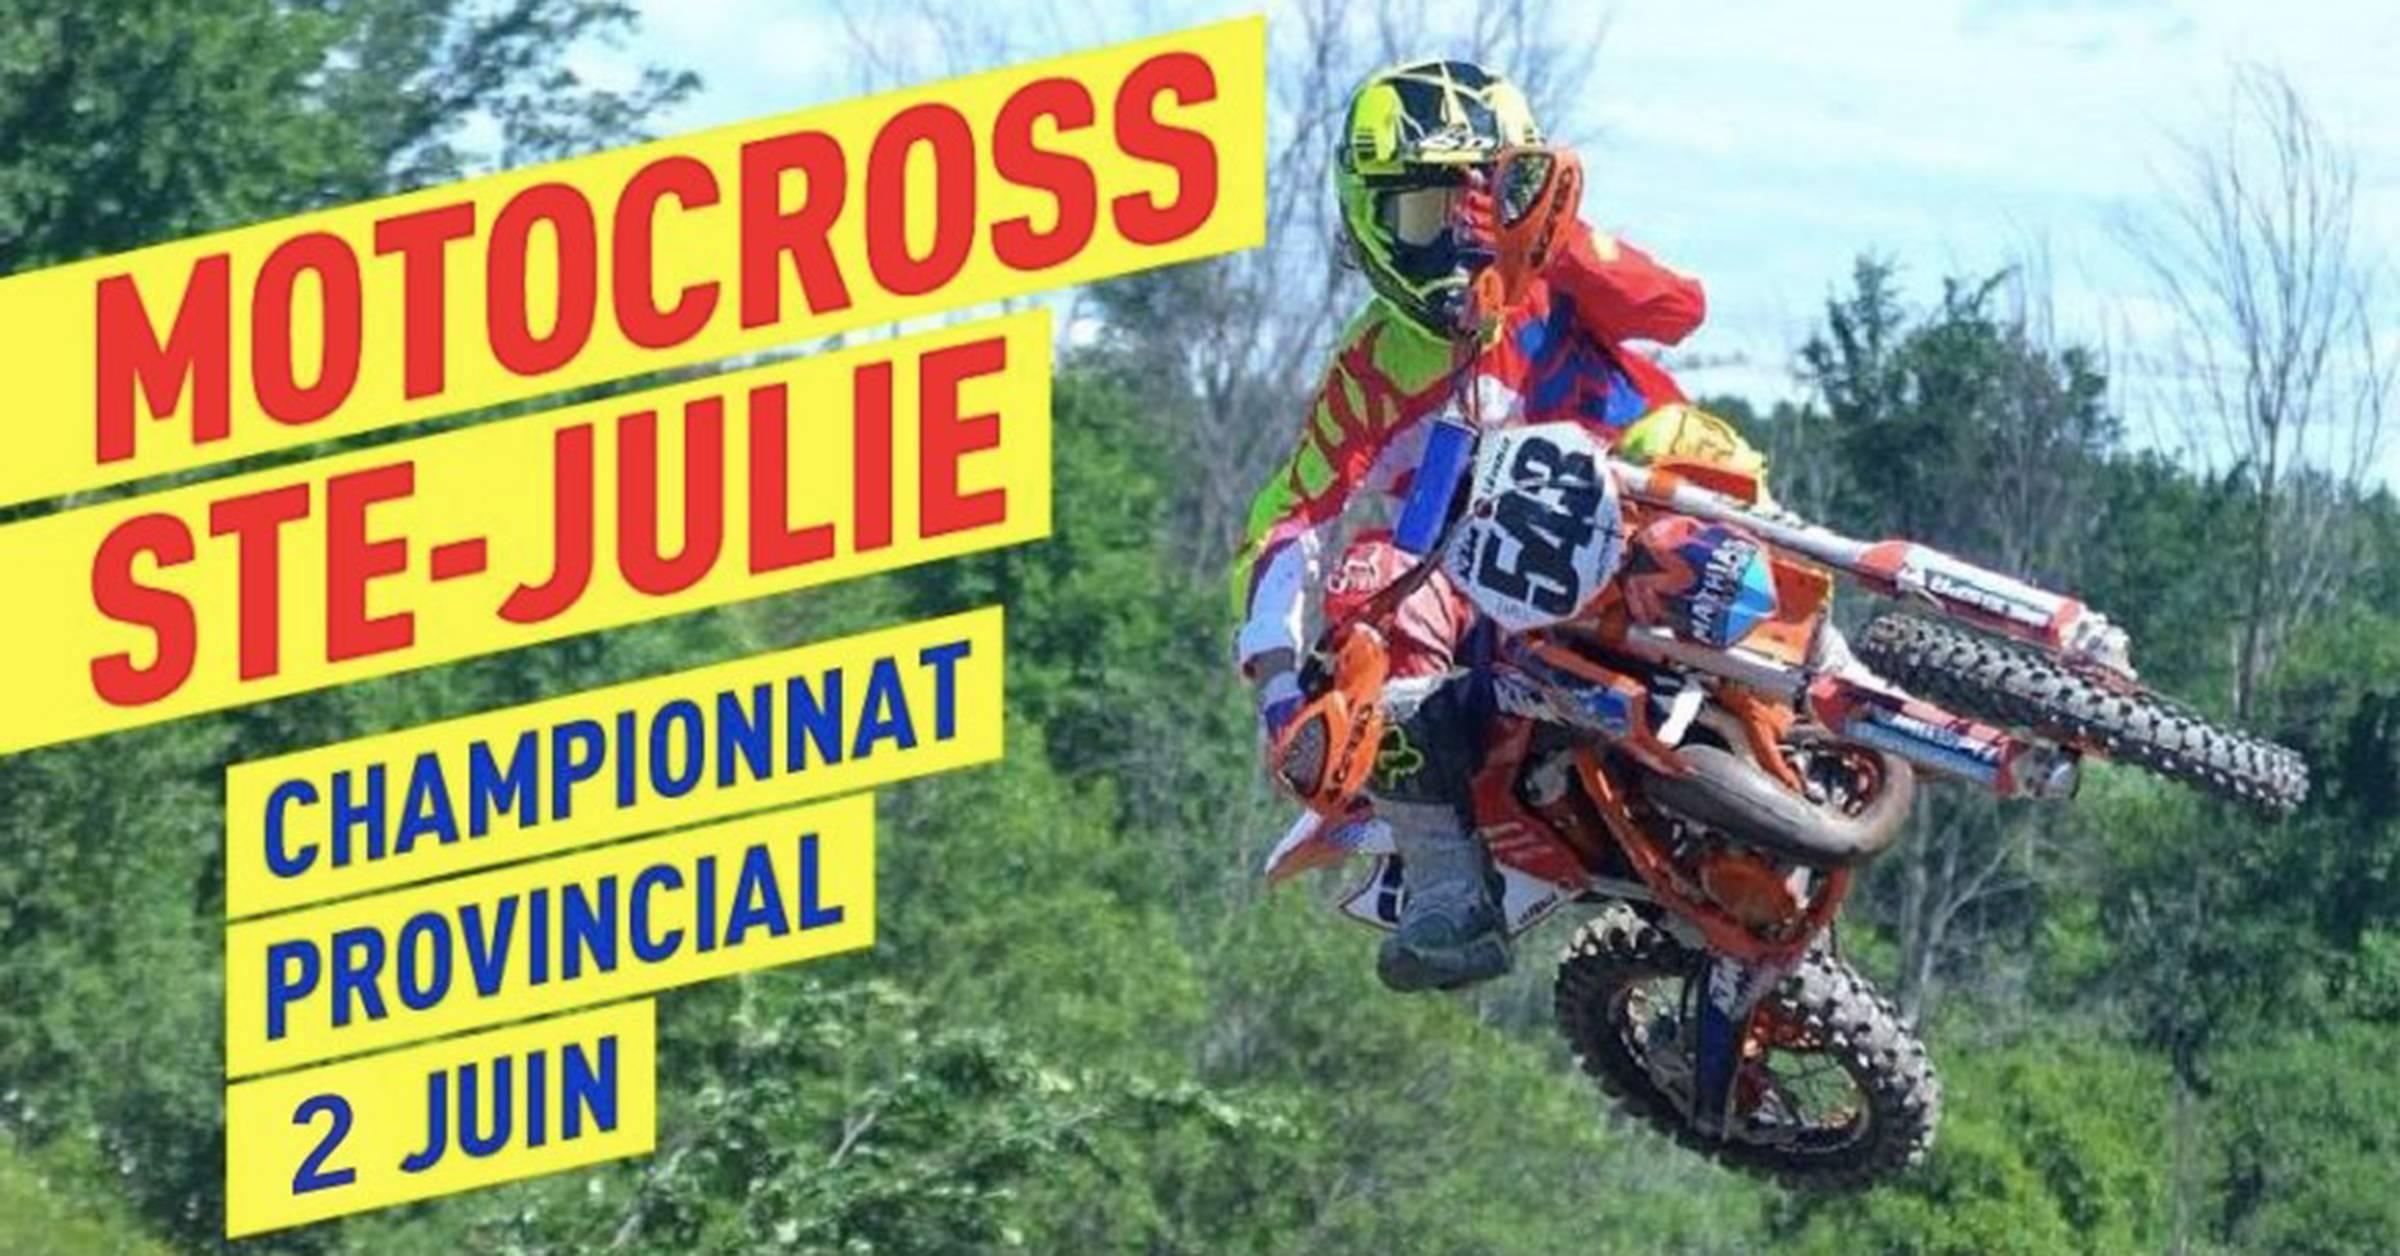 Partenaire du championnat provincial de Motocross Ste-Julie